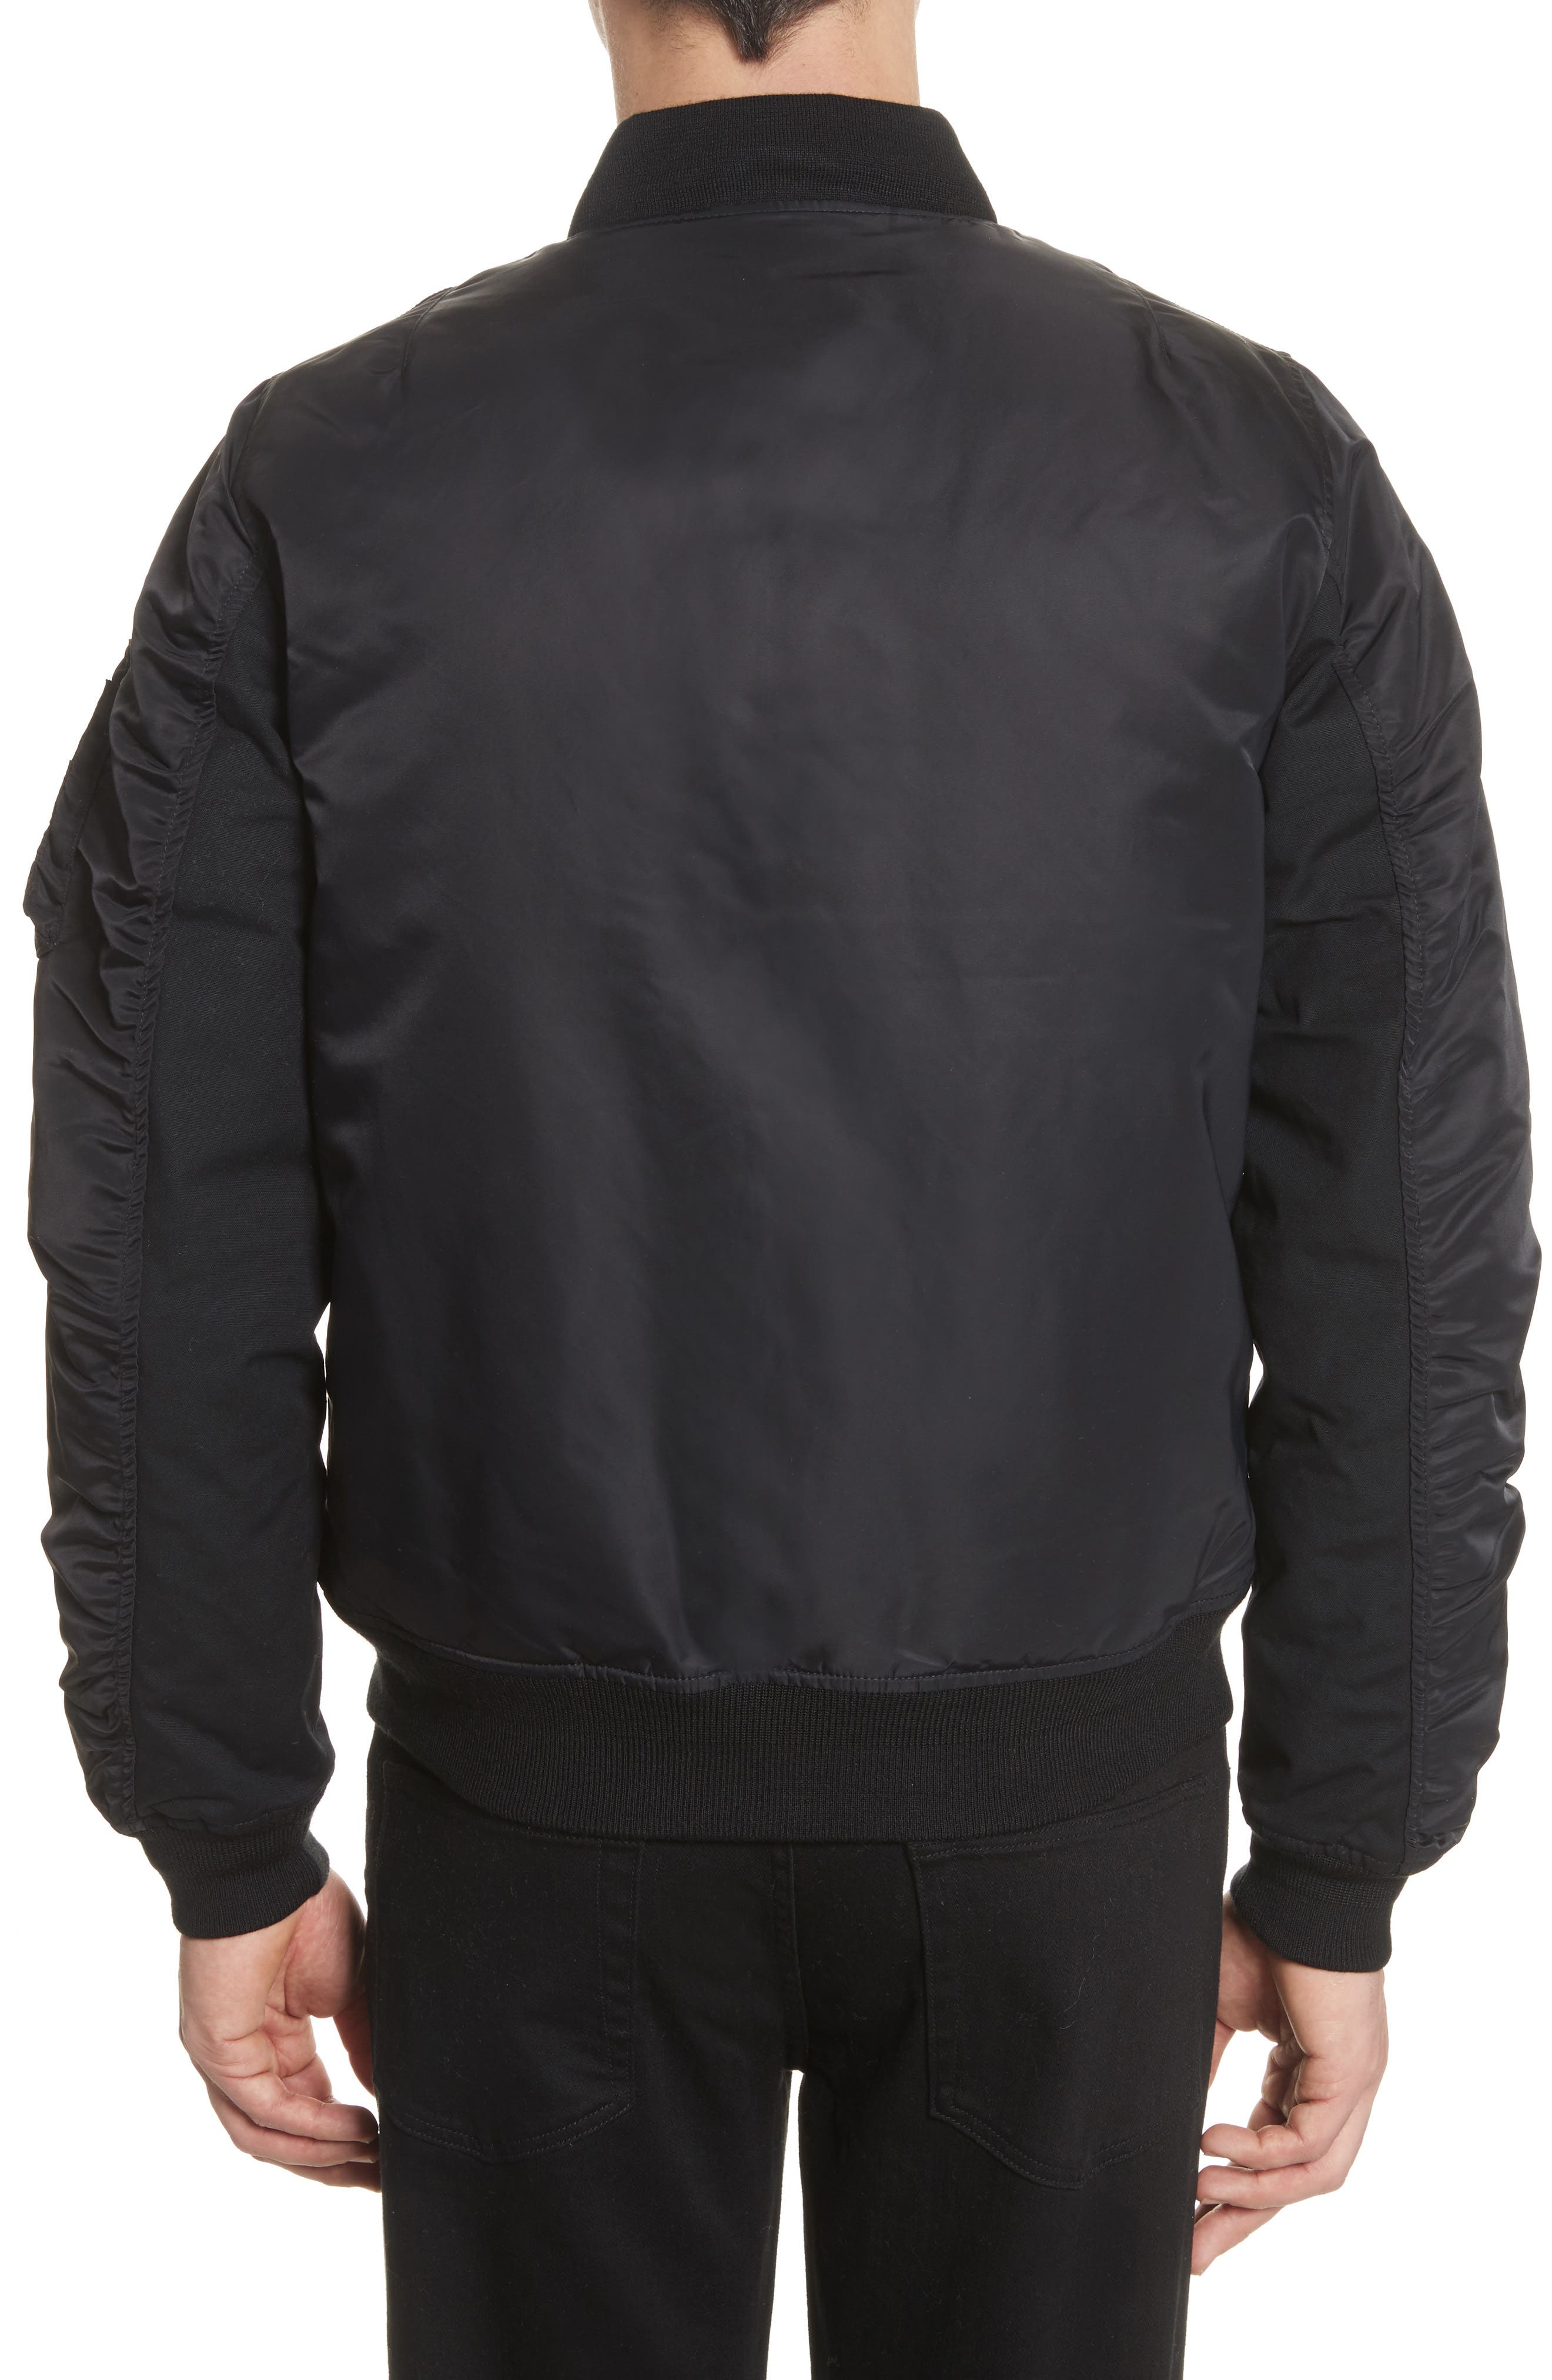 Ashton Bomber Jacket,                             Alternate thumbnail 2, color,                             Black/ Black